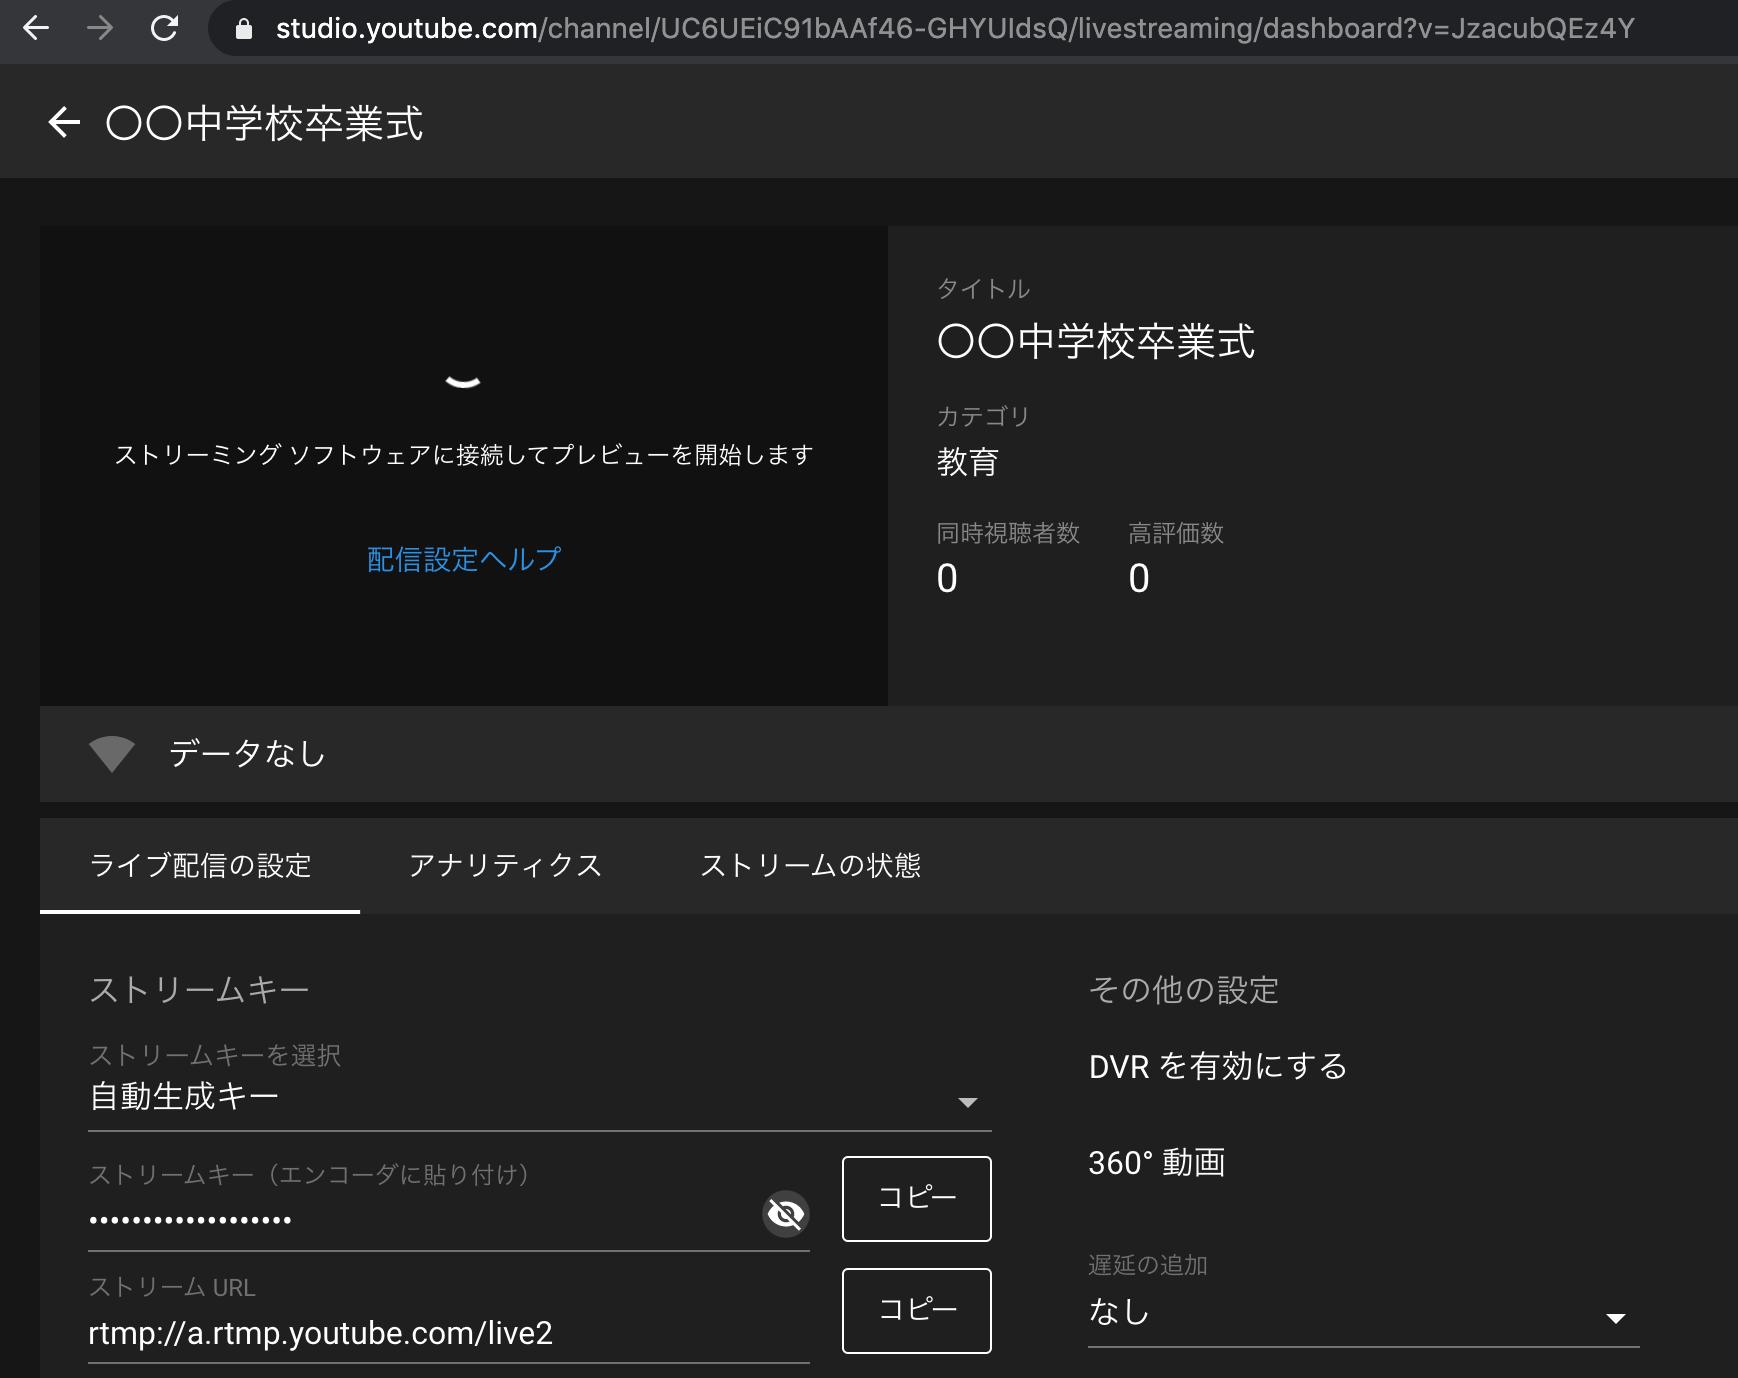 スクリーンショット 2020-02-29 18.35.32.png